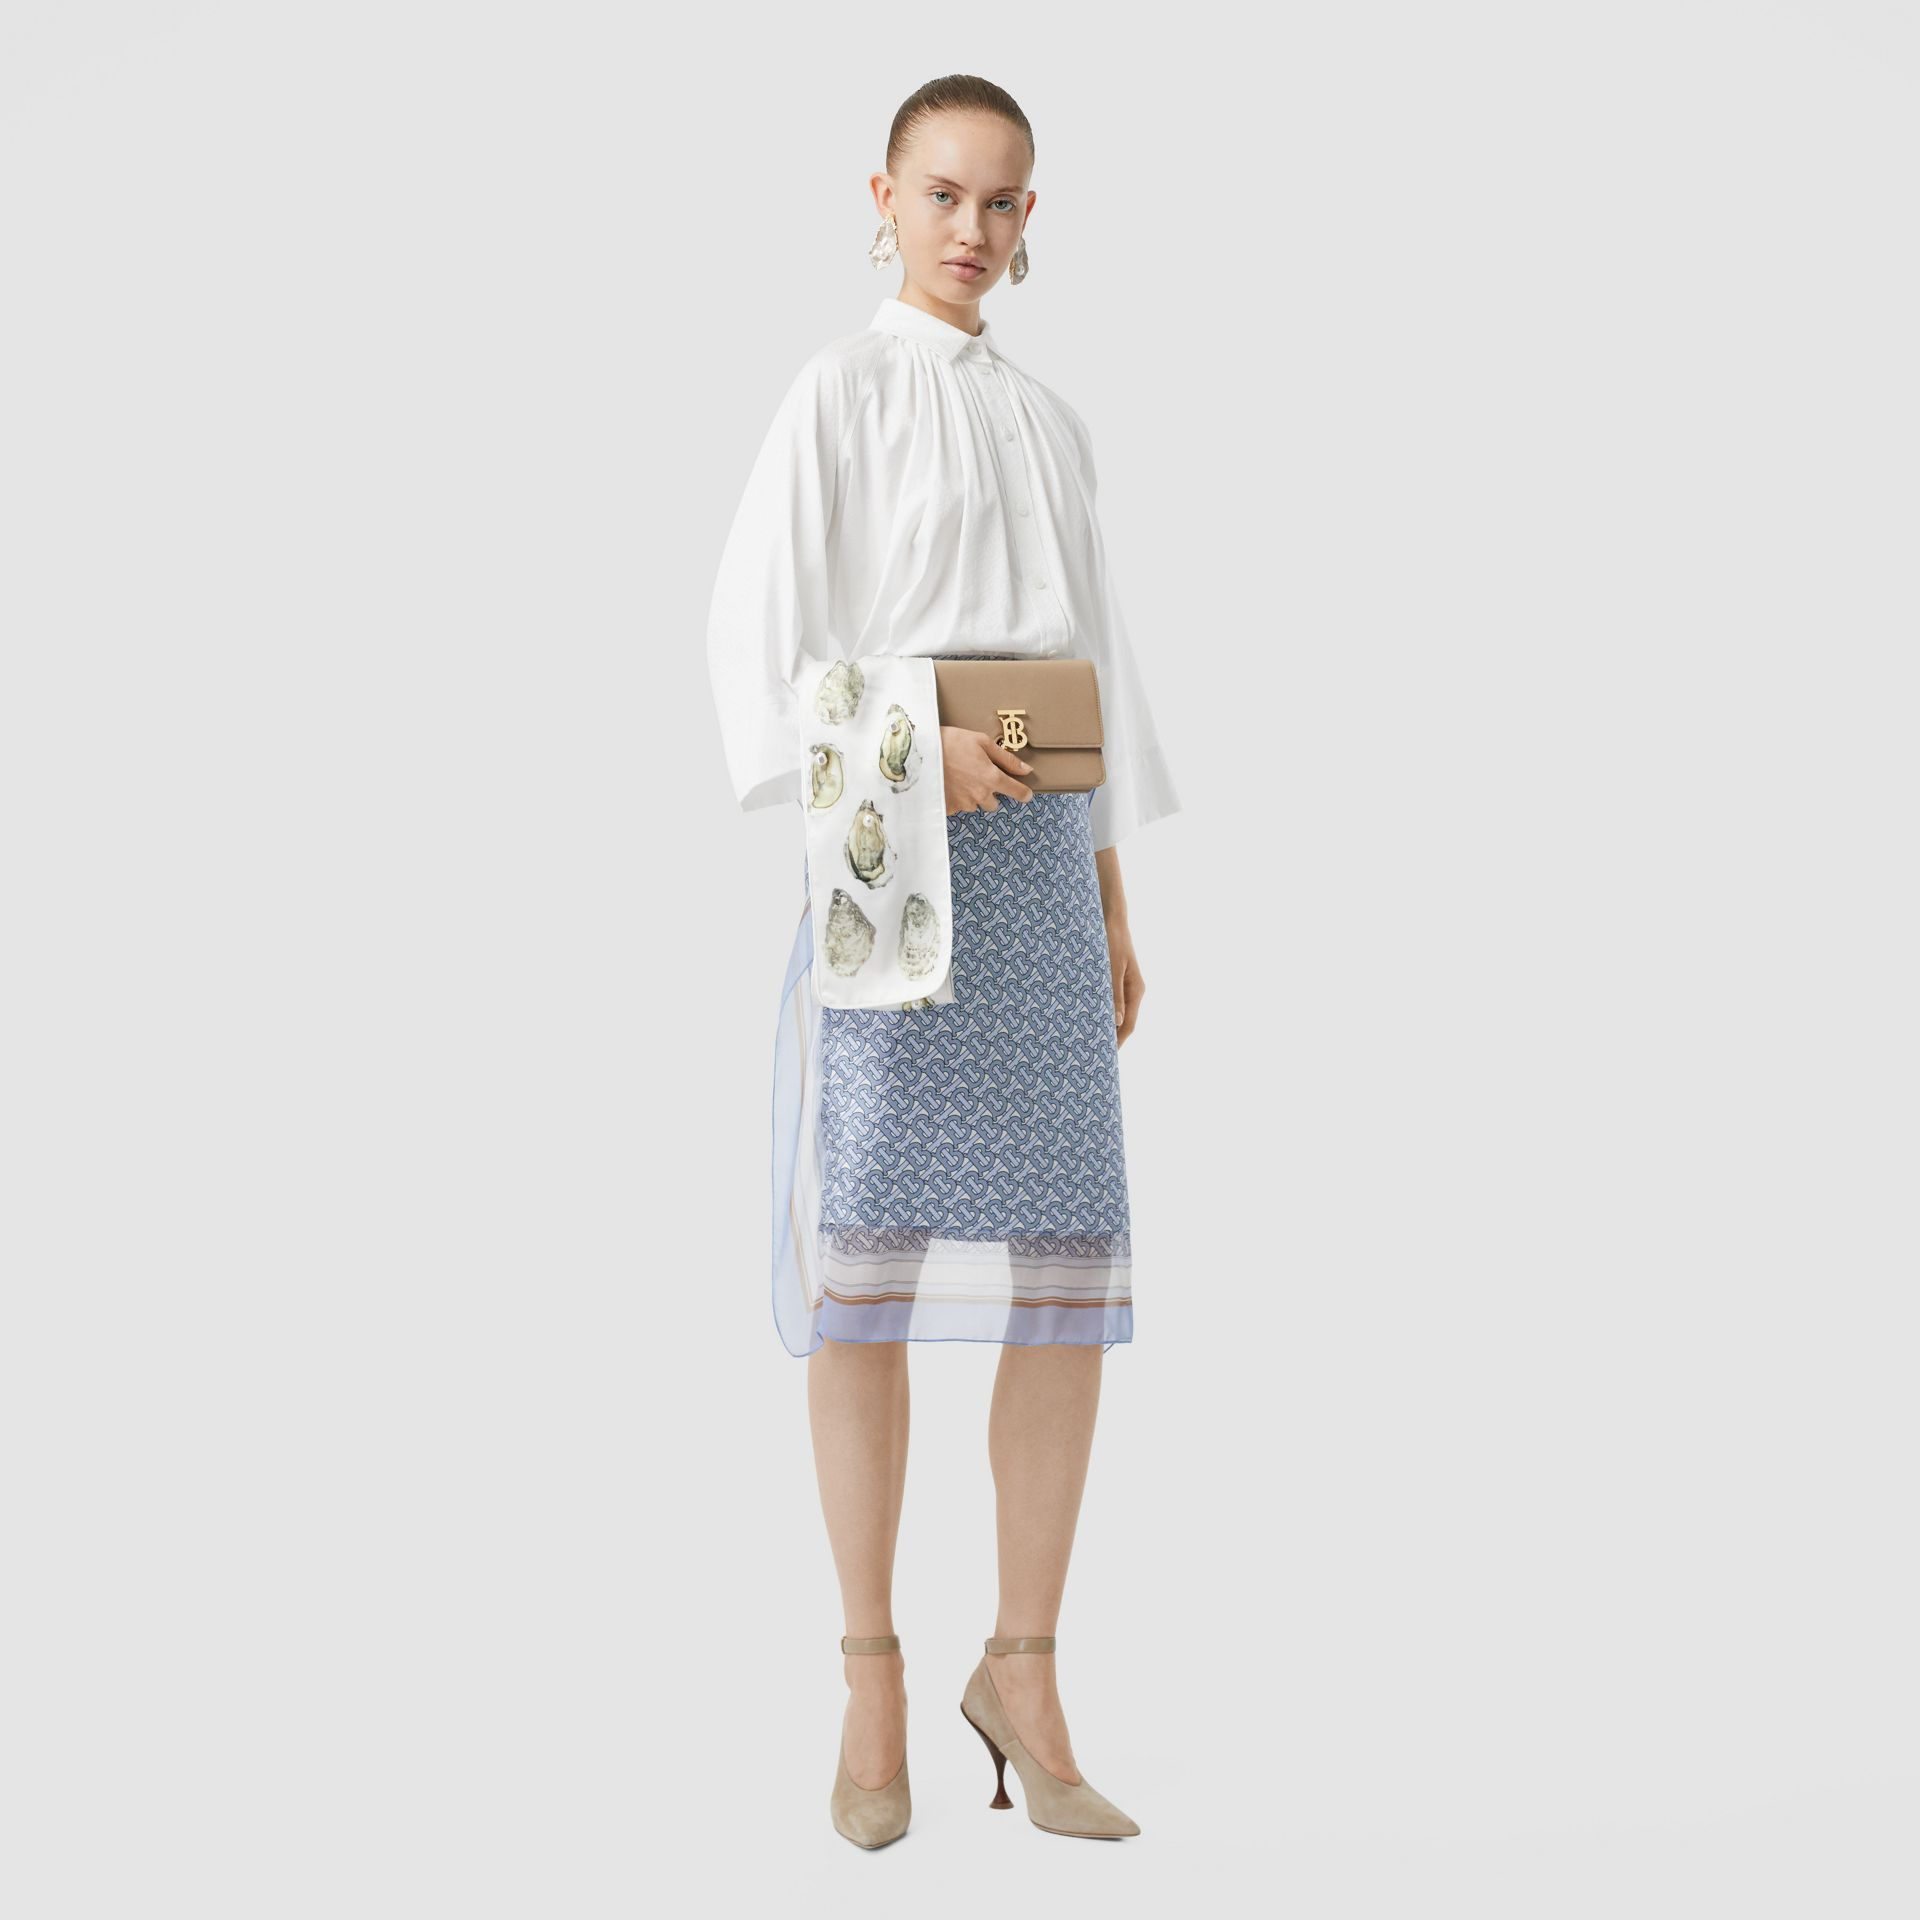 モノグラムコットン ジャカード オーバーサイズシャツ (オプティックホワイト) - ウィメンズ | バーバリー - ギャラリーイメージ 0